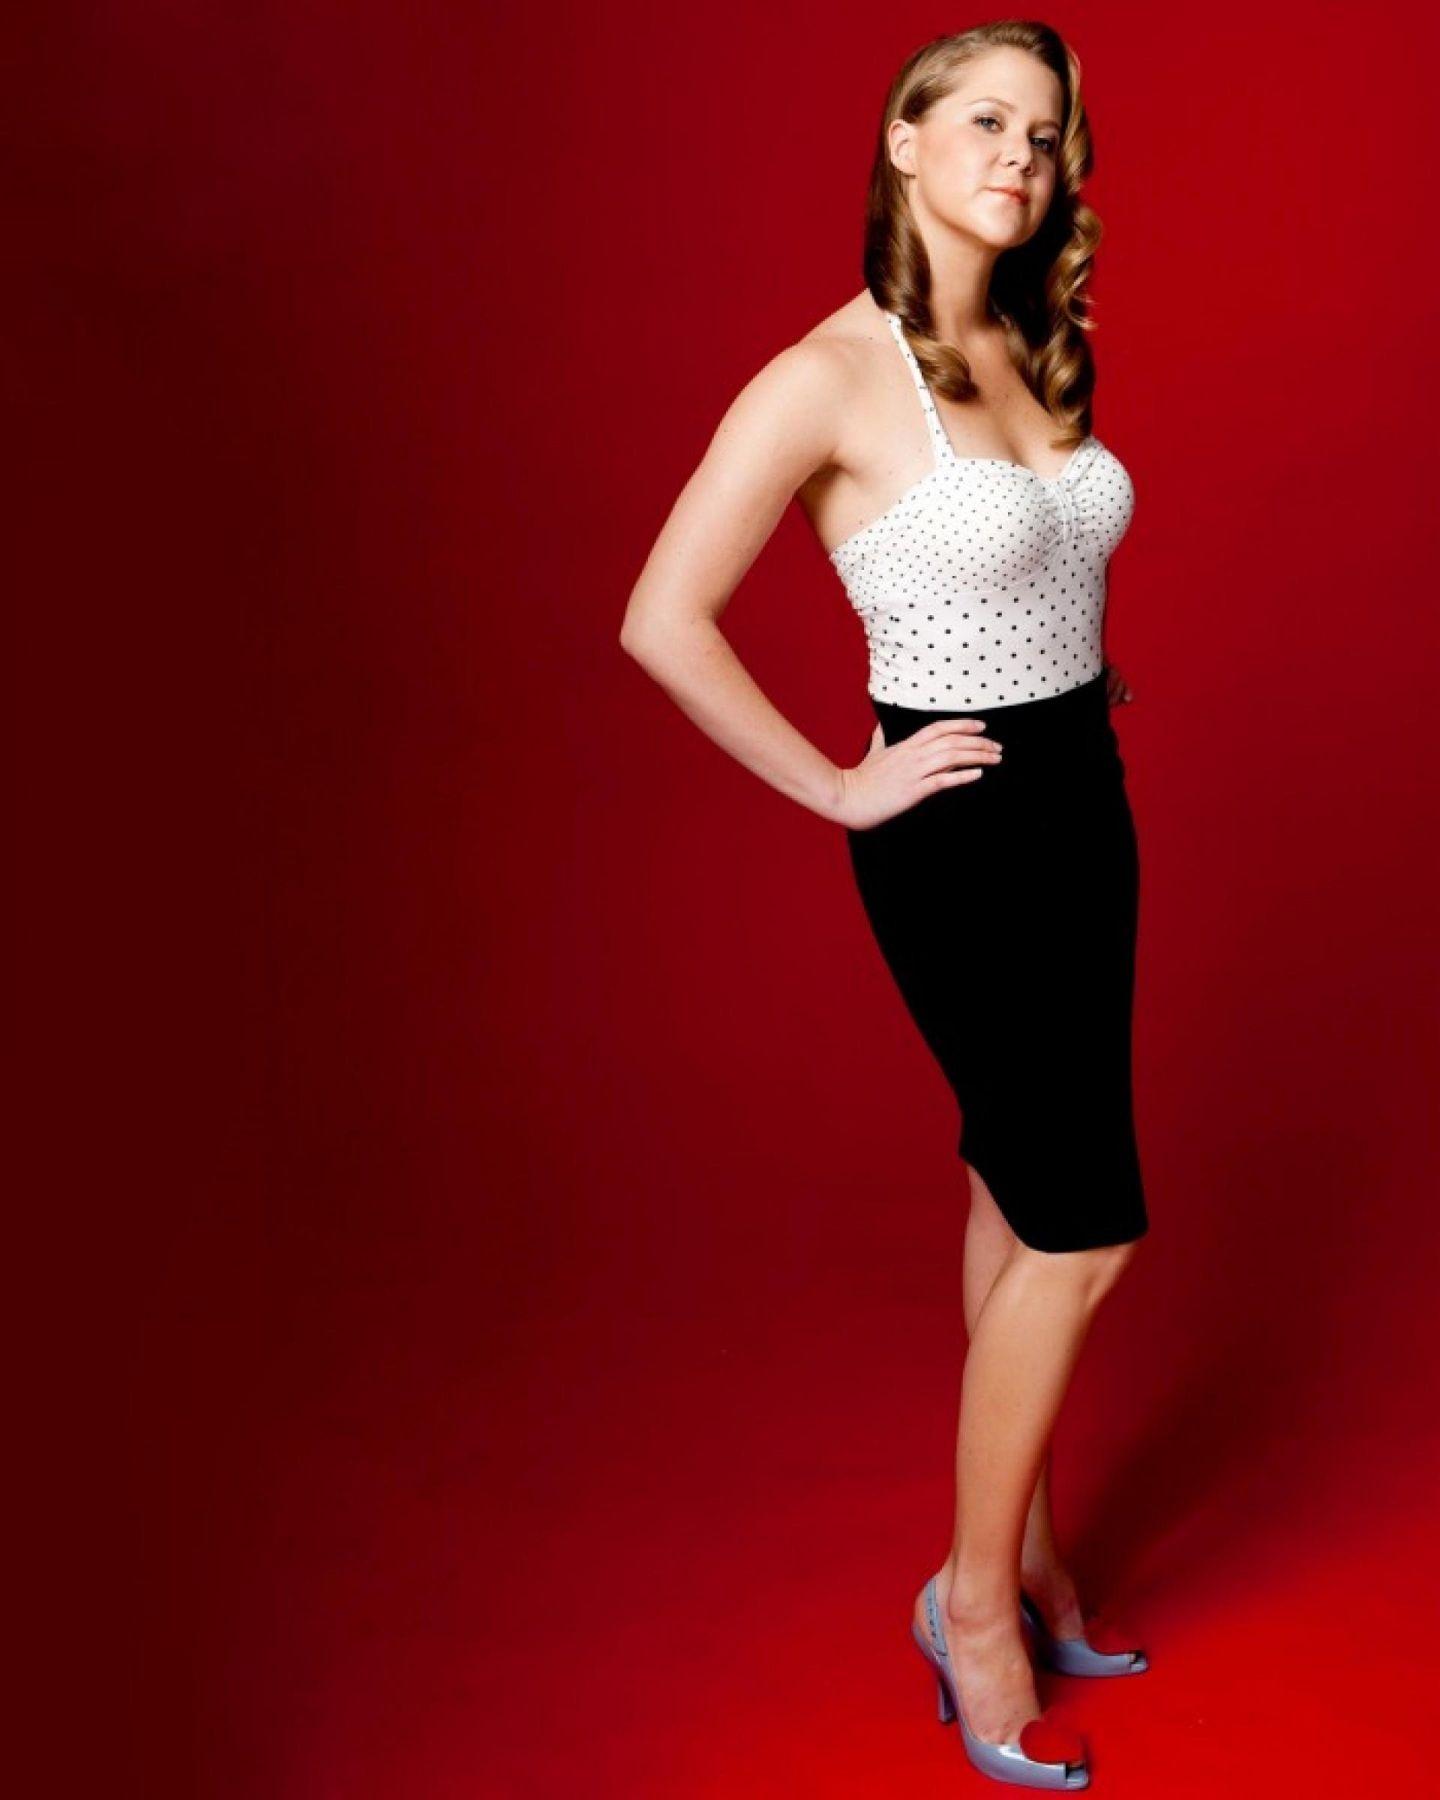 Amy Schumer Amy Schumer Amy Schumer Bikini Amy Schumer Amy Shumer